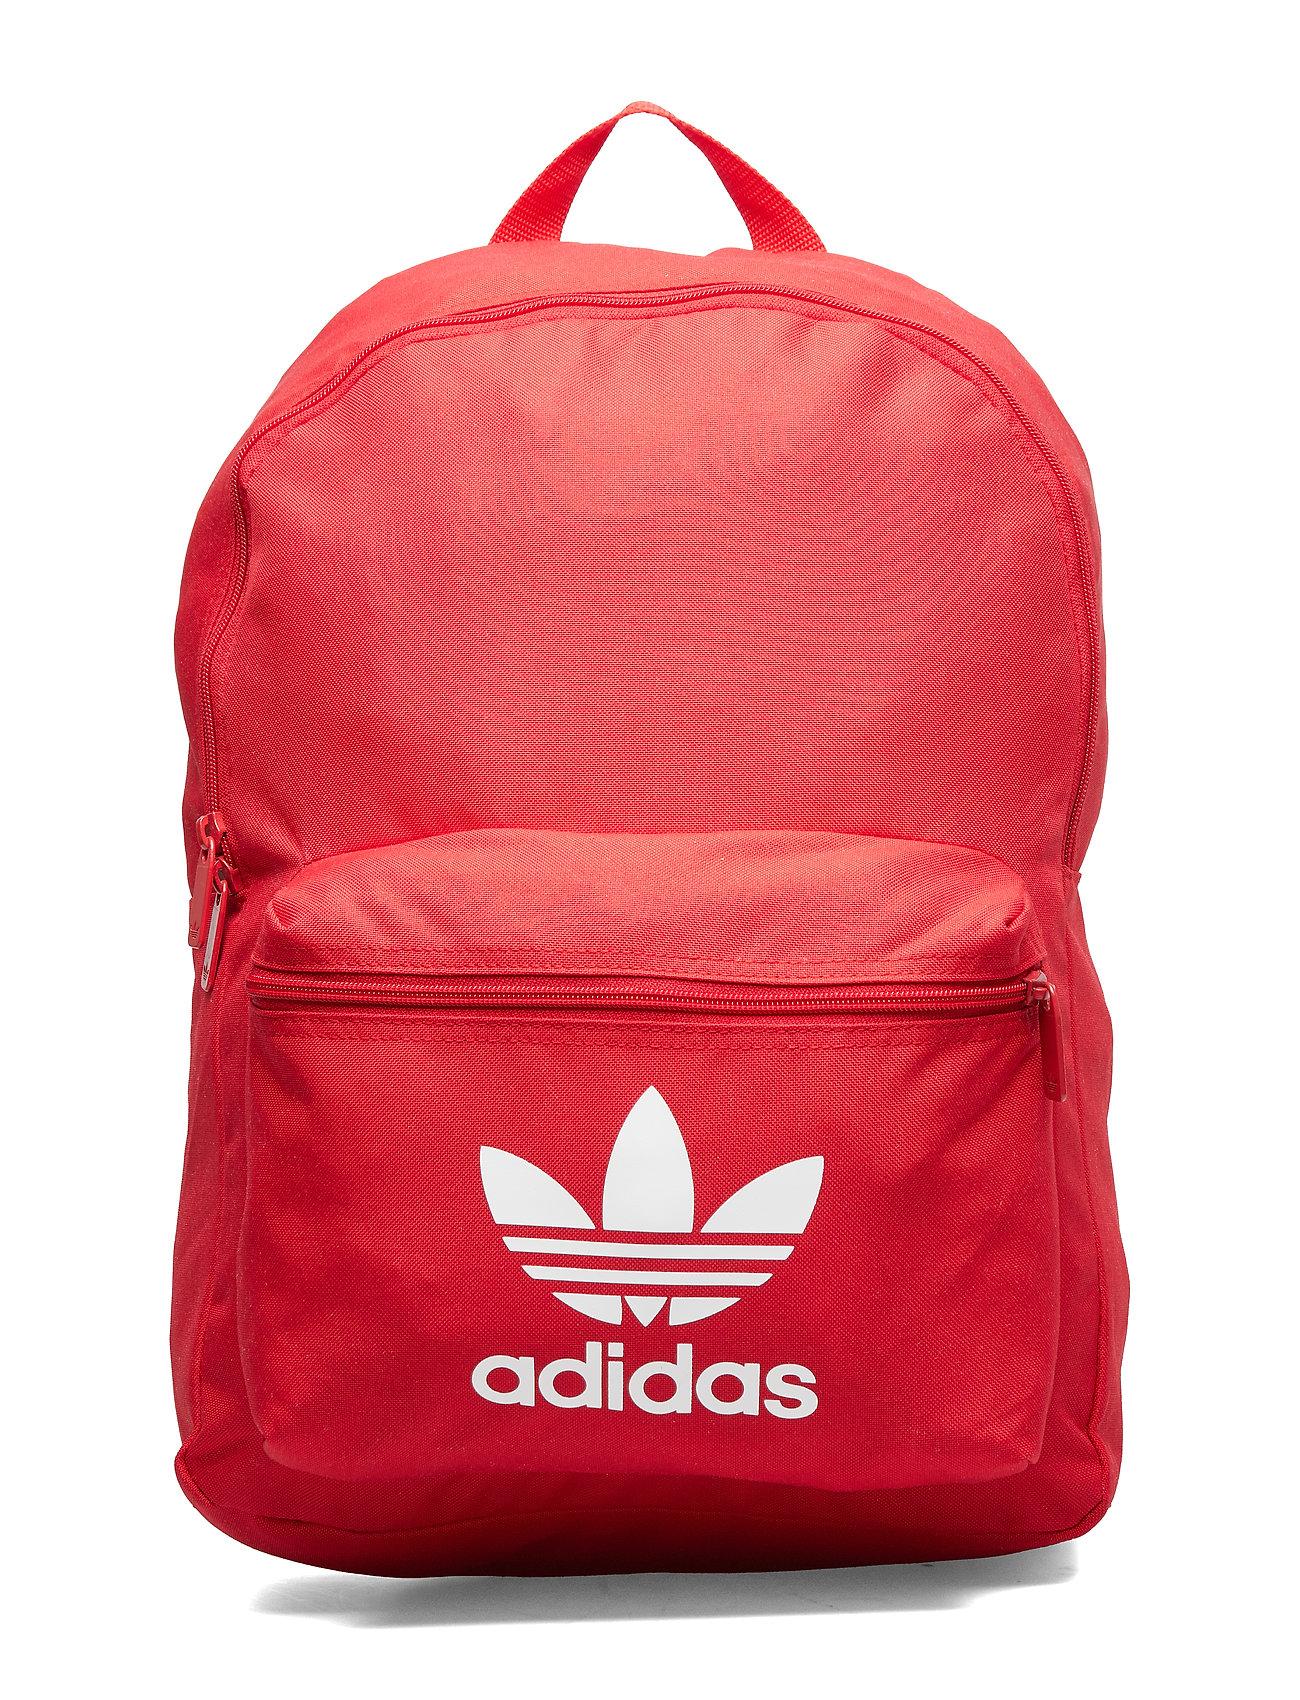 adidas Originals AC CLASS BP - SCARLE